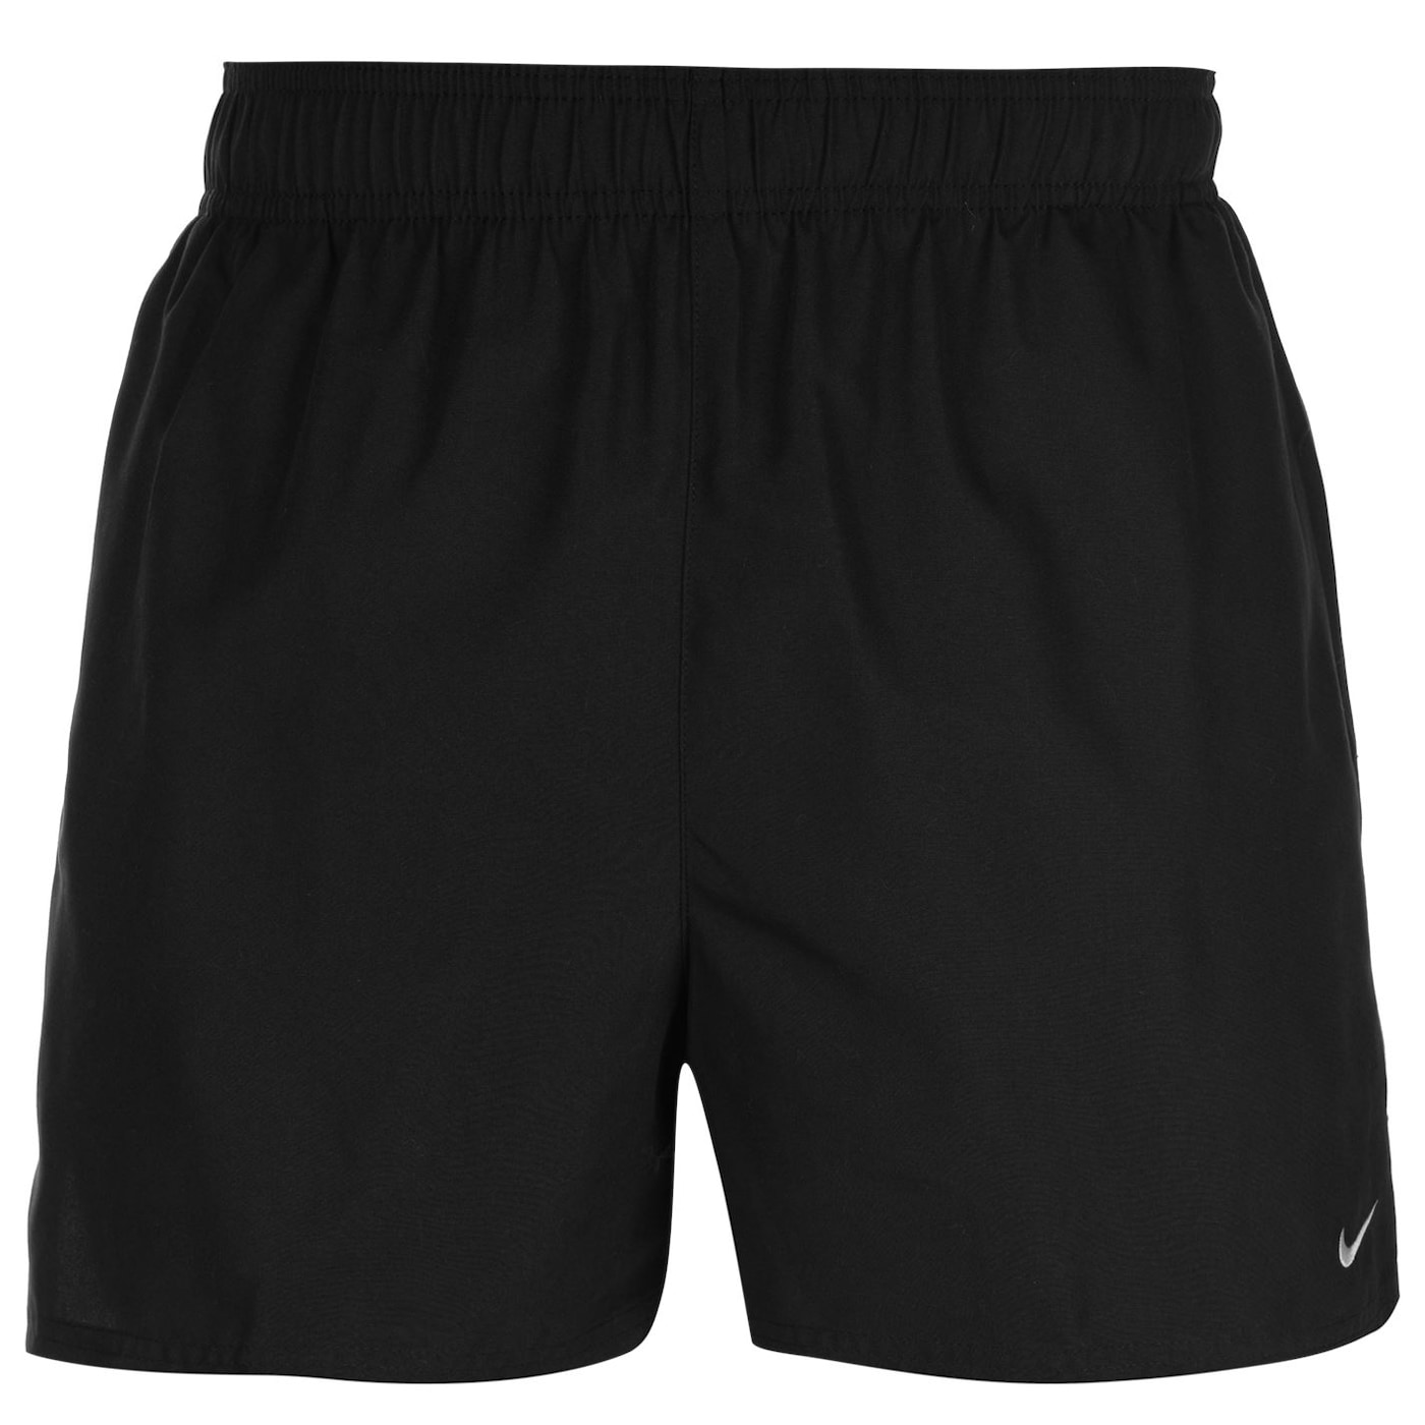 Nike Core Swim Shorts Mens